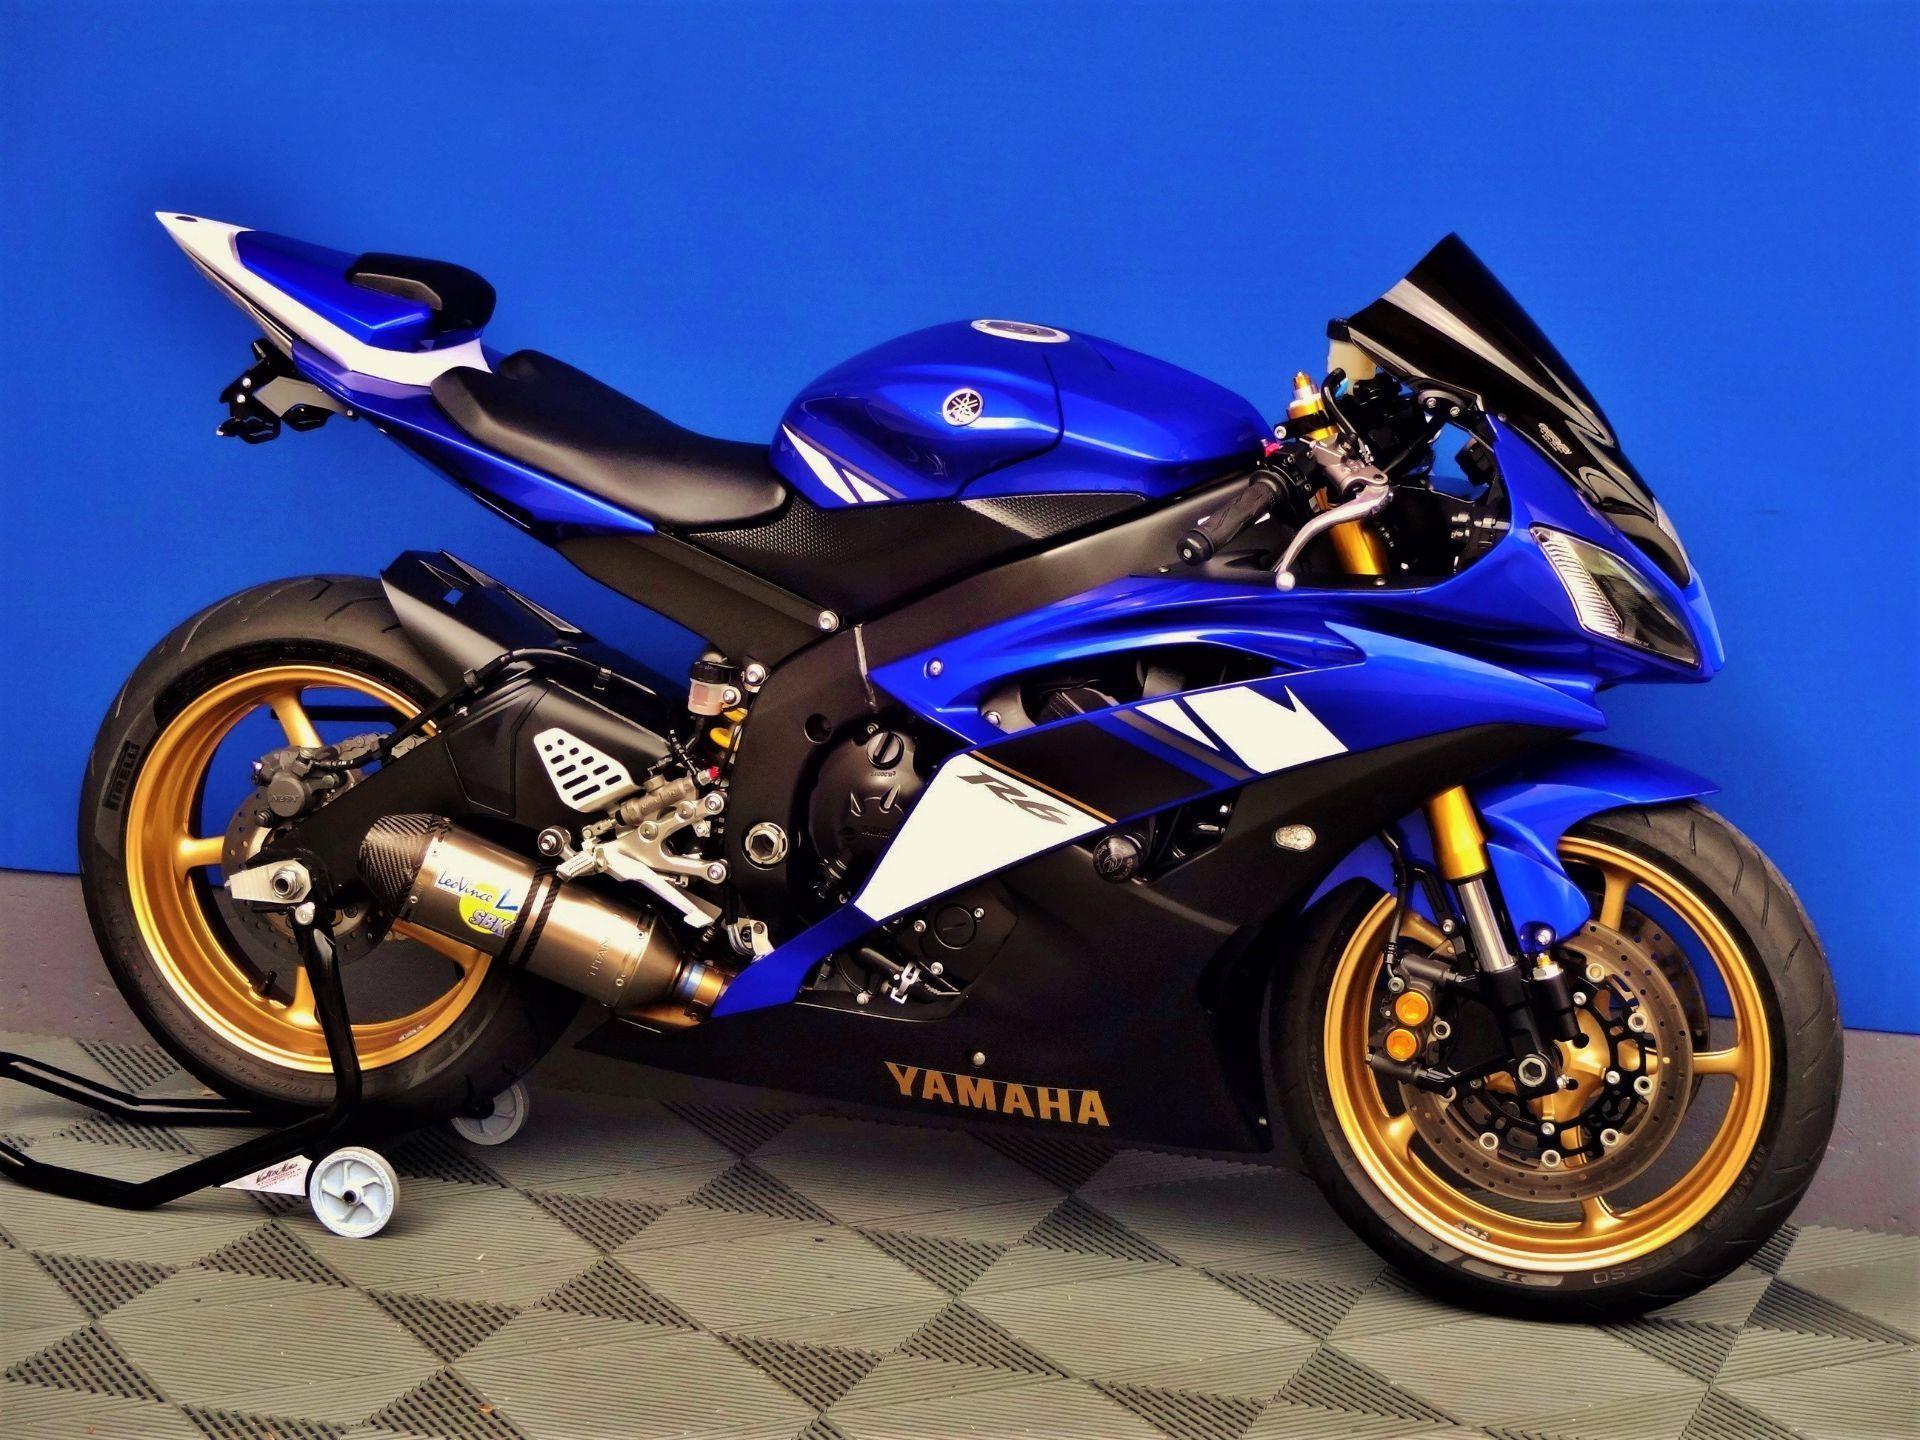 motorrad occasion kaufen yamaha yzf r6 leo vince vogel motorbikes sch pfheim. Black Bedroom Furniture Sets. Home Design Ideas